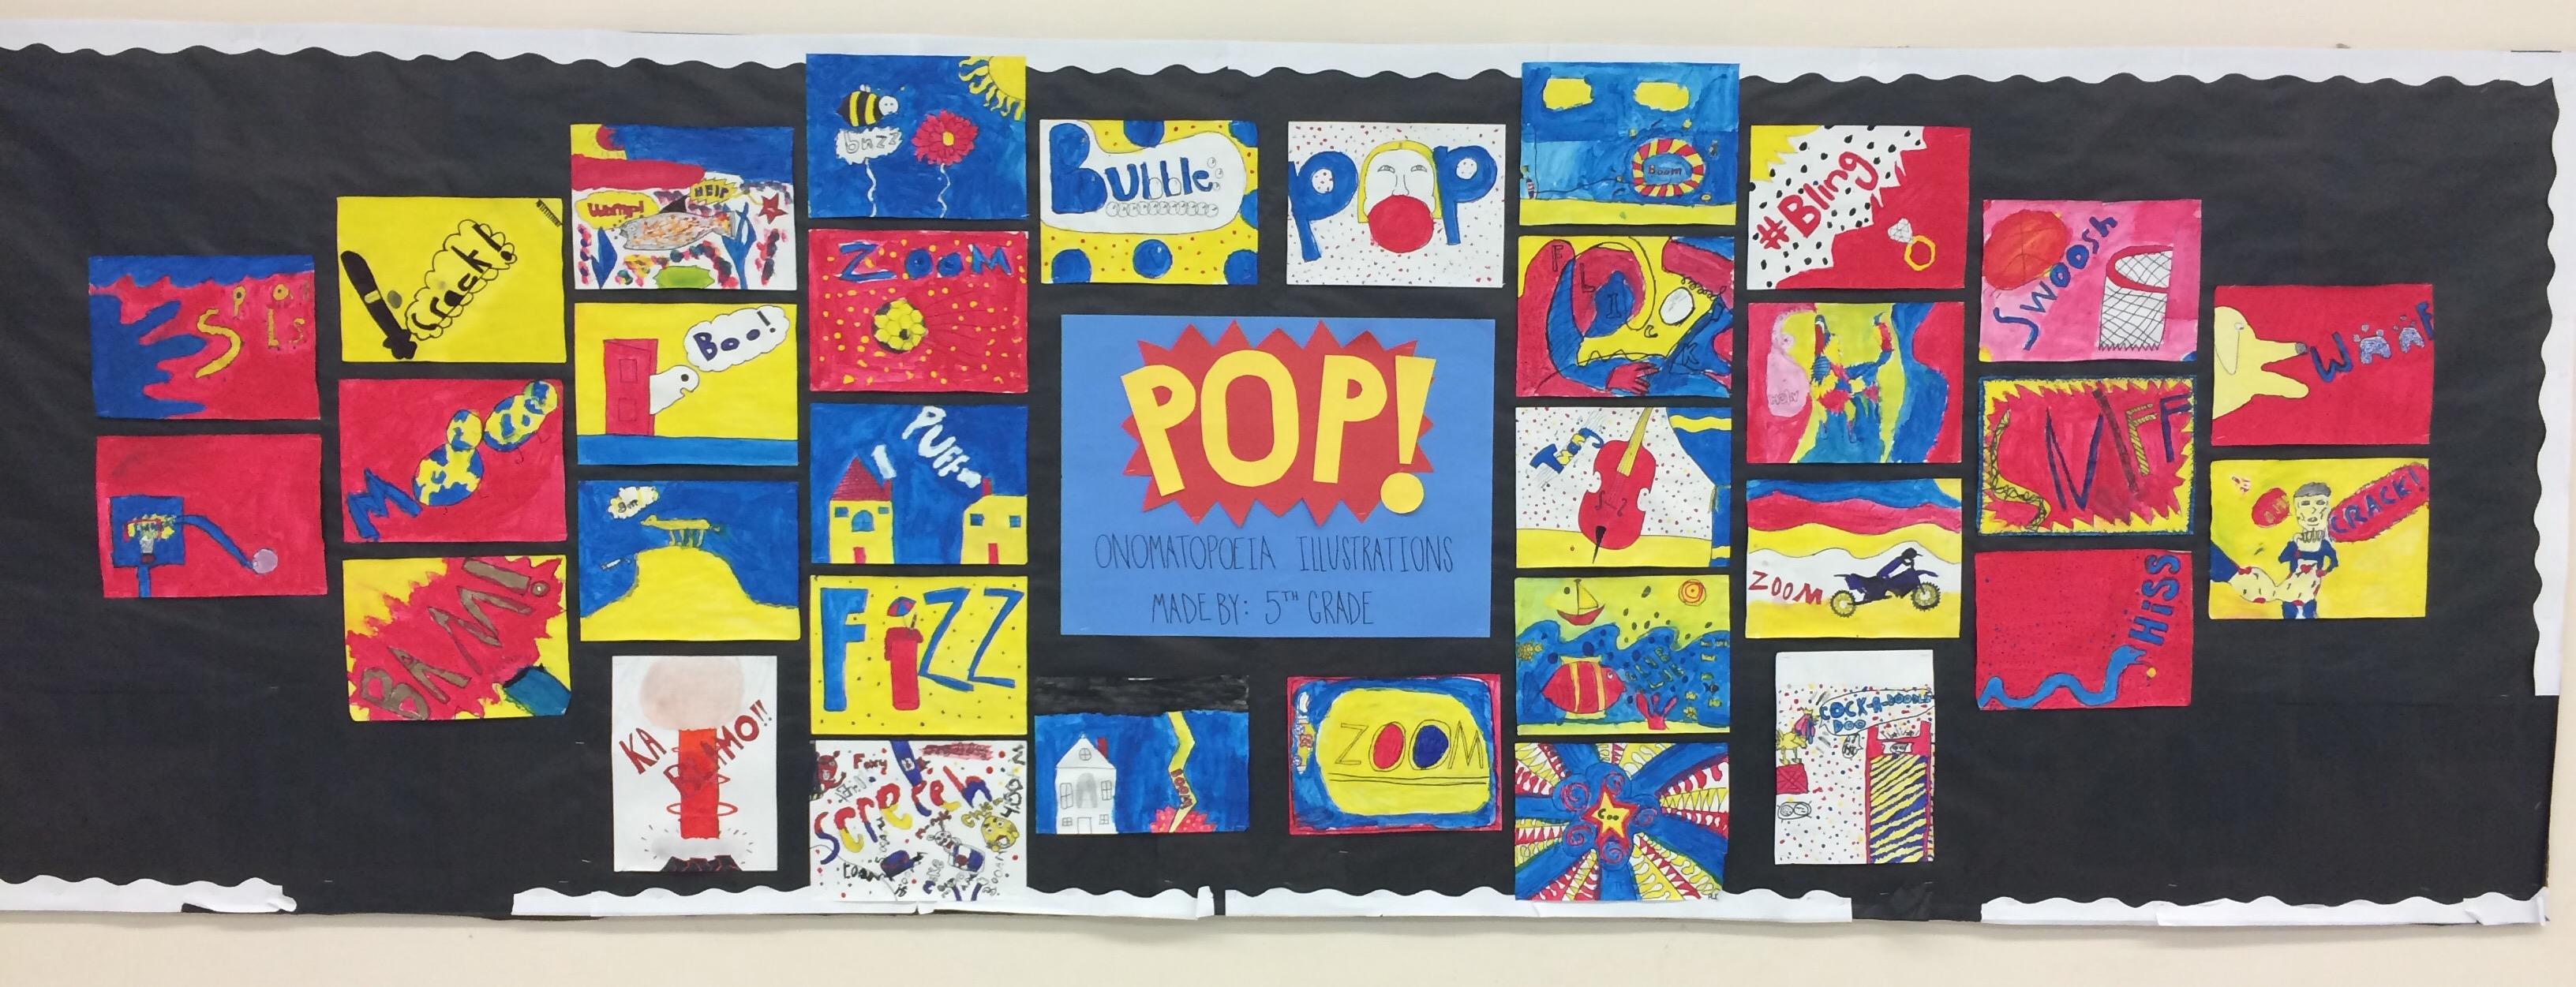 5th Grade Onomatopoeia Pop Art Davisthayerart